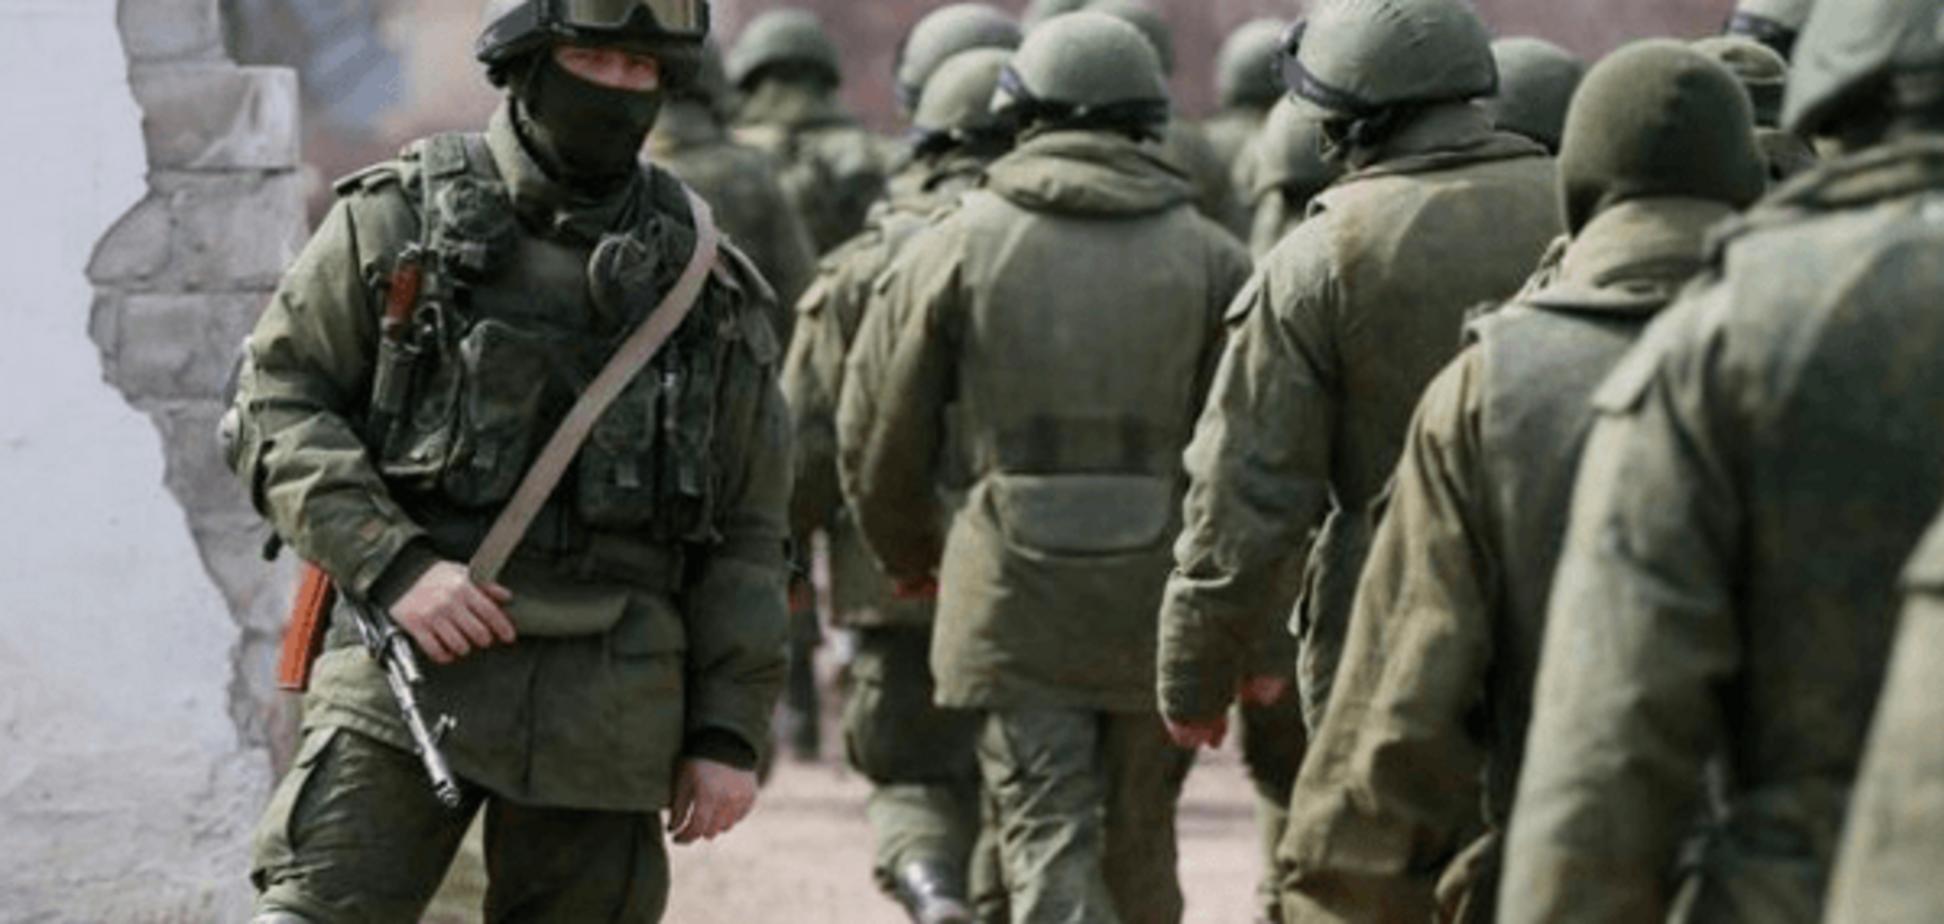 Поки ще живі: розвідка дізналася про масові звільнення серед росіян на Донбасі